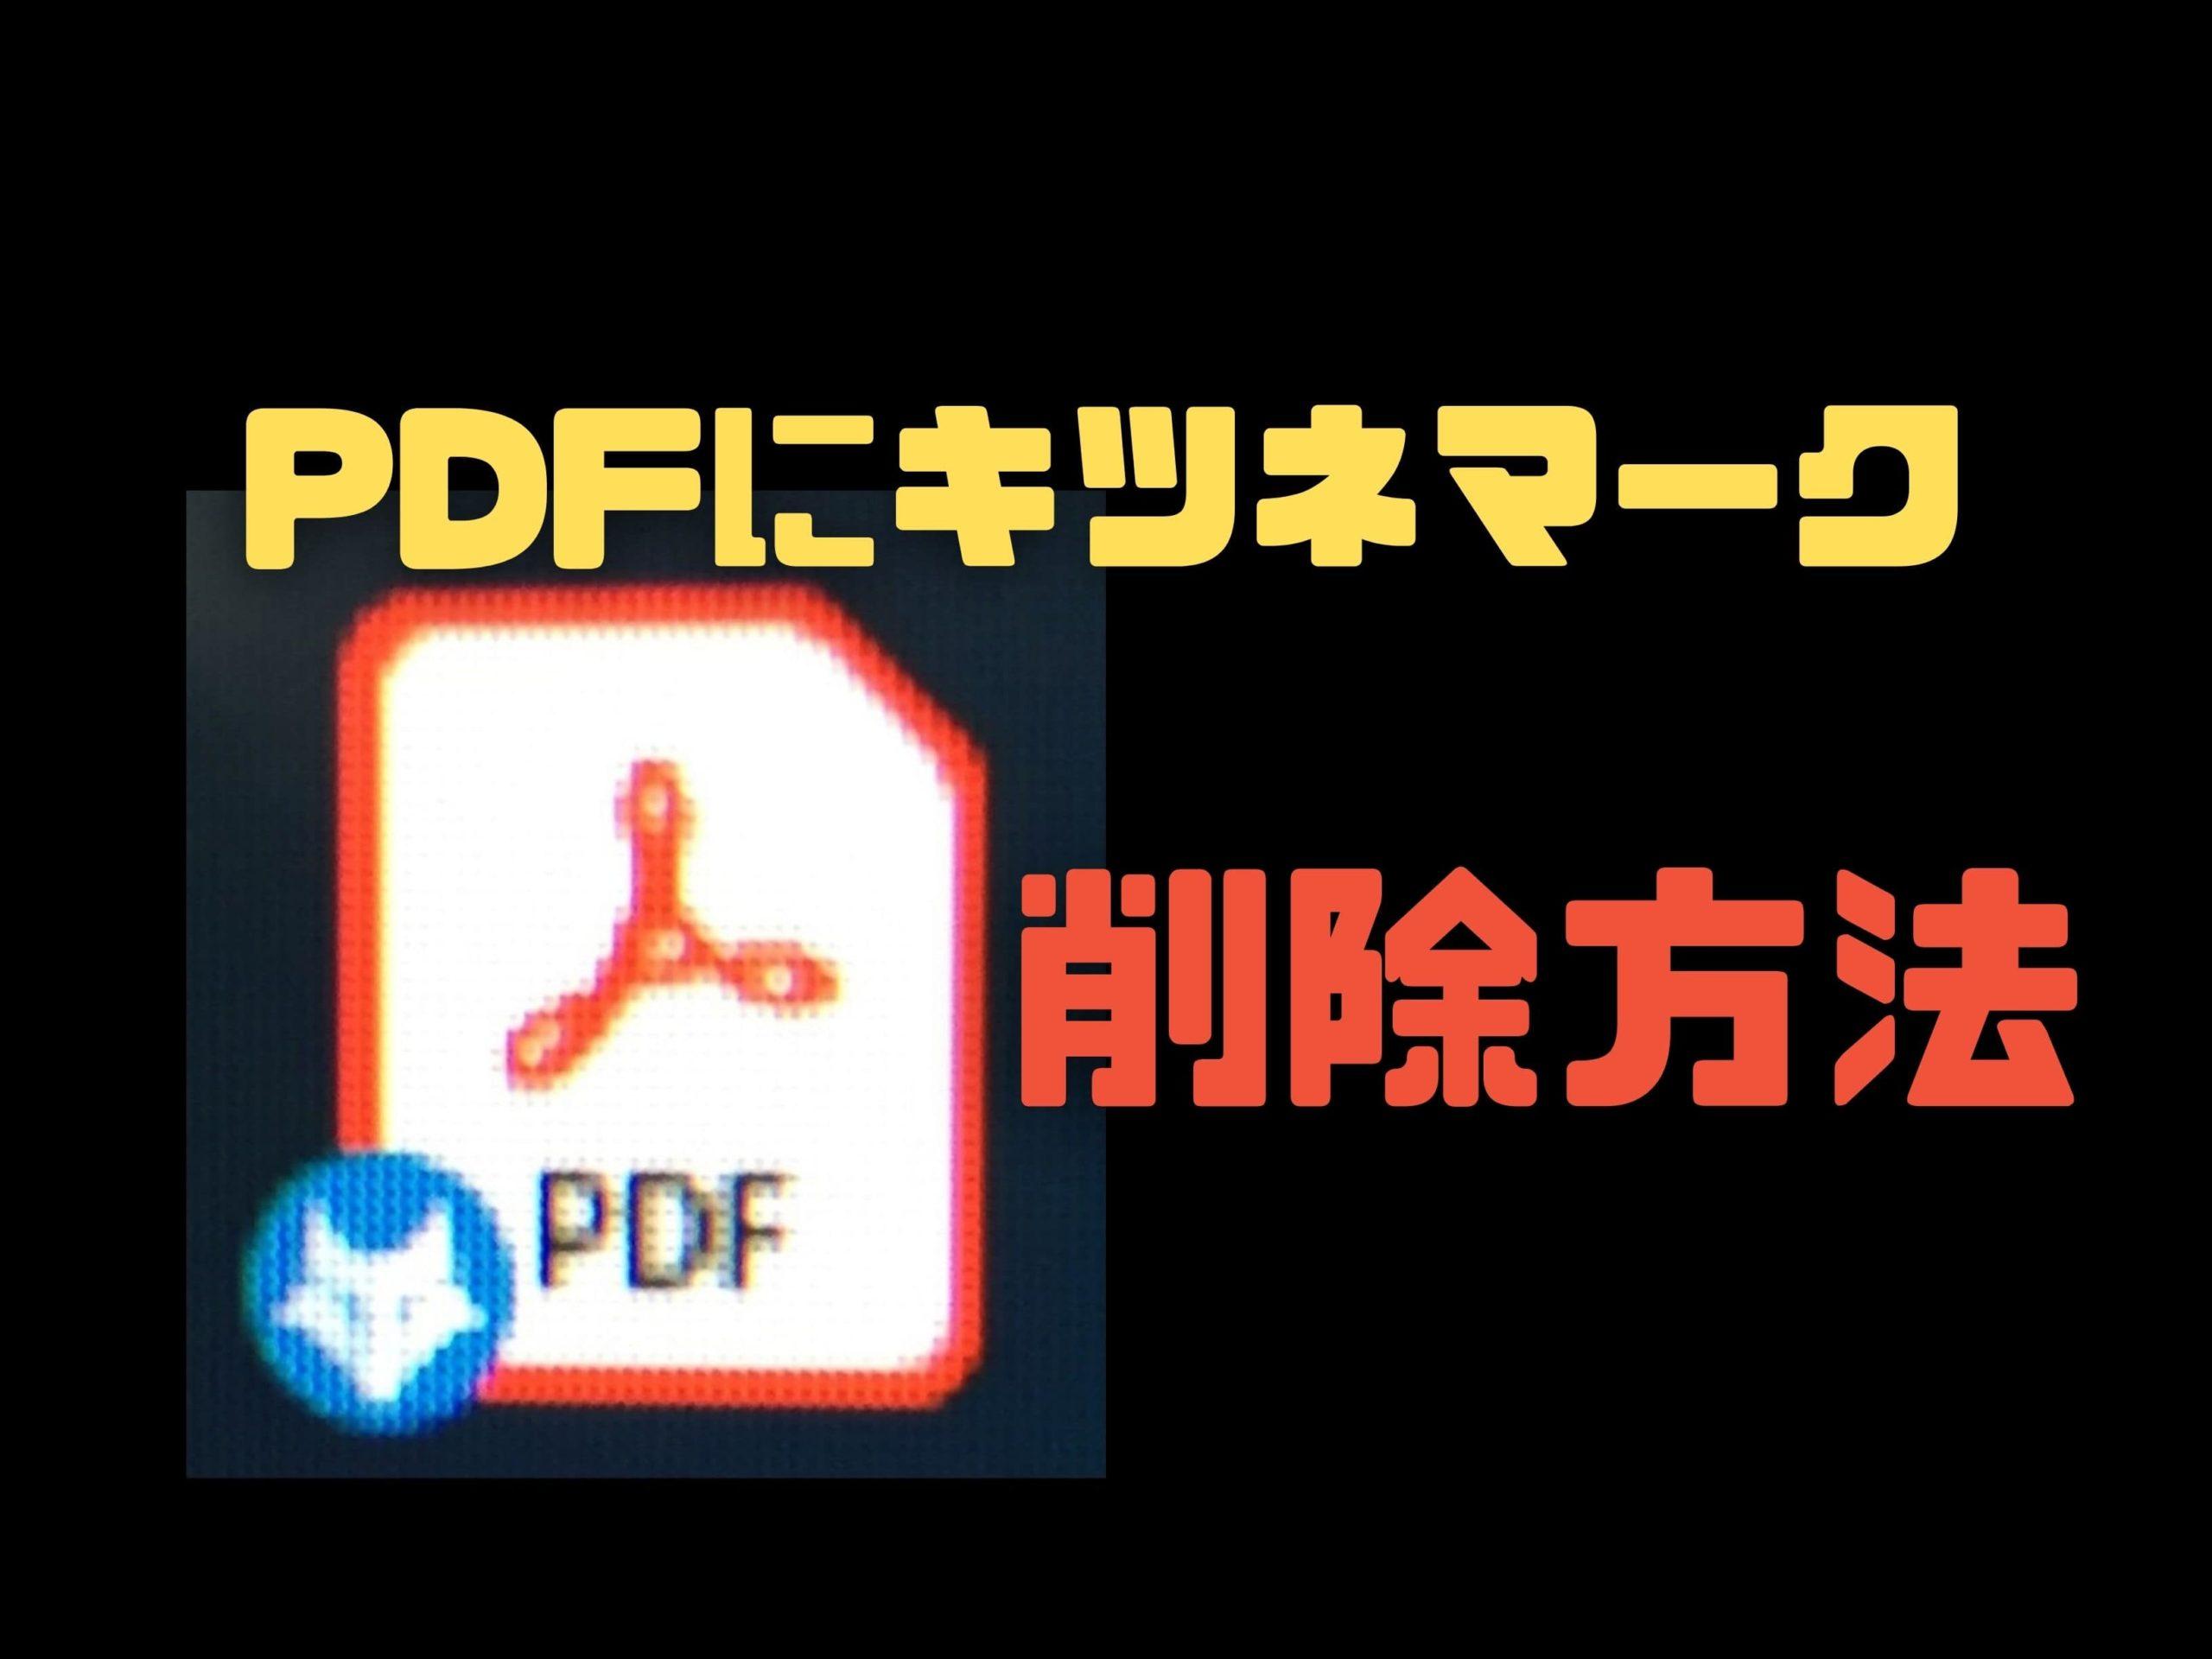 PDFにキツネマークが付きプリントアウト出来ない時の対処法